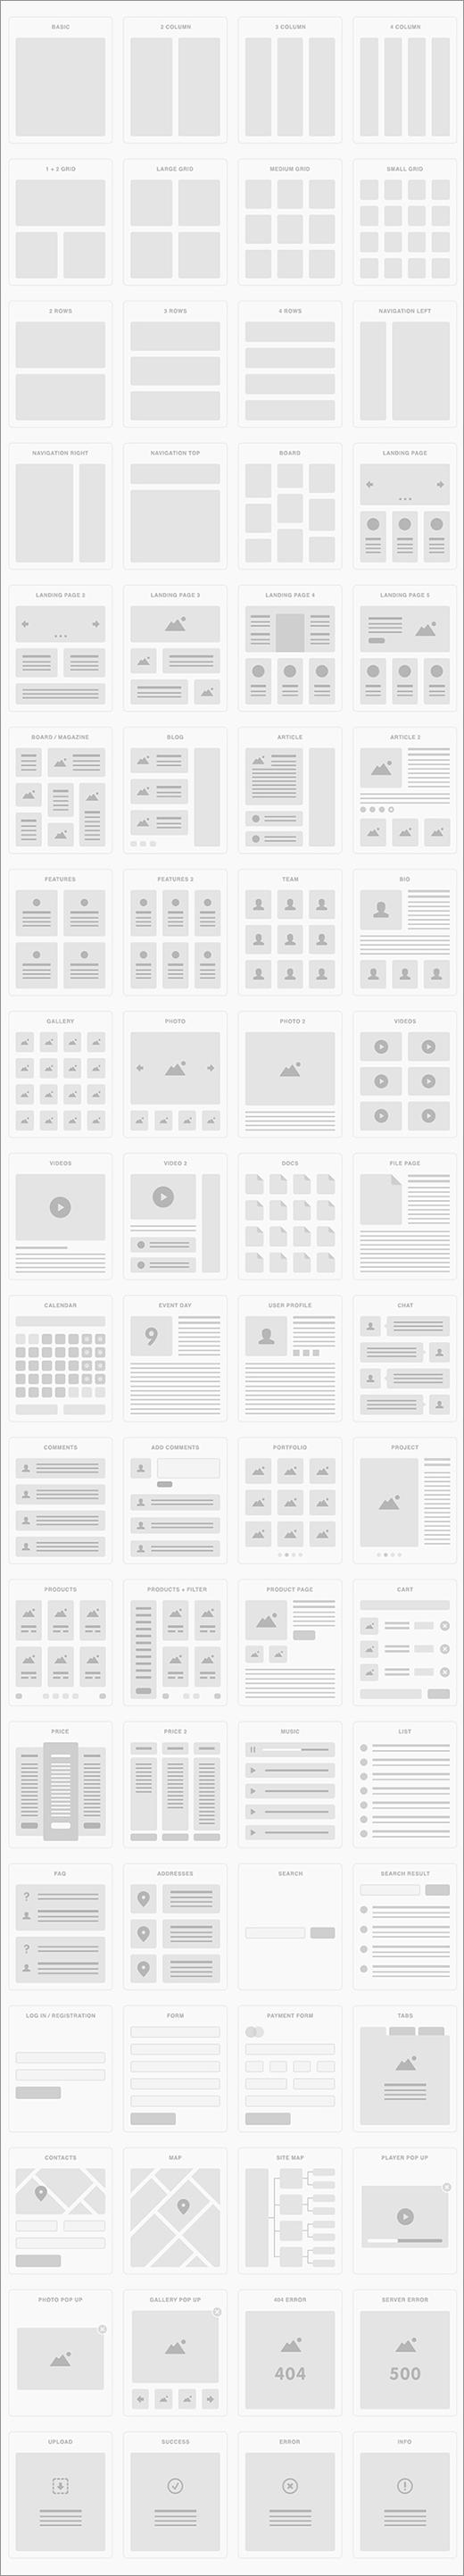 最近のWebデザインで採用されているレイアウト72種類を収録した無料のUI素材(PSD, AI, Sketch) -UI Tiles